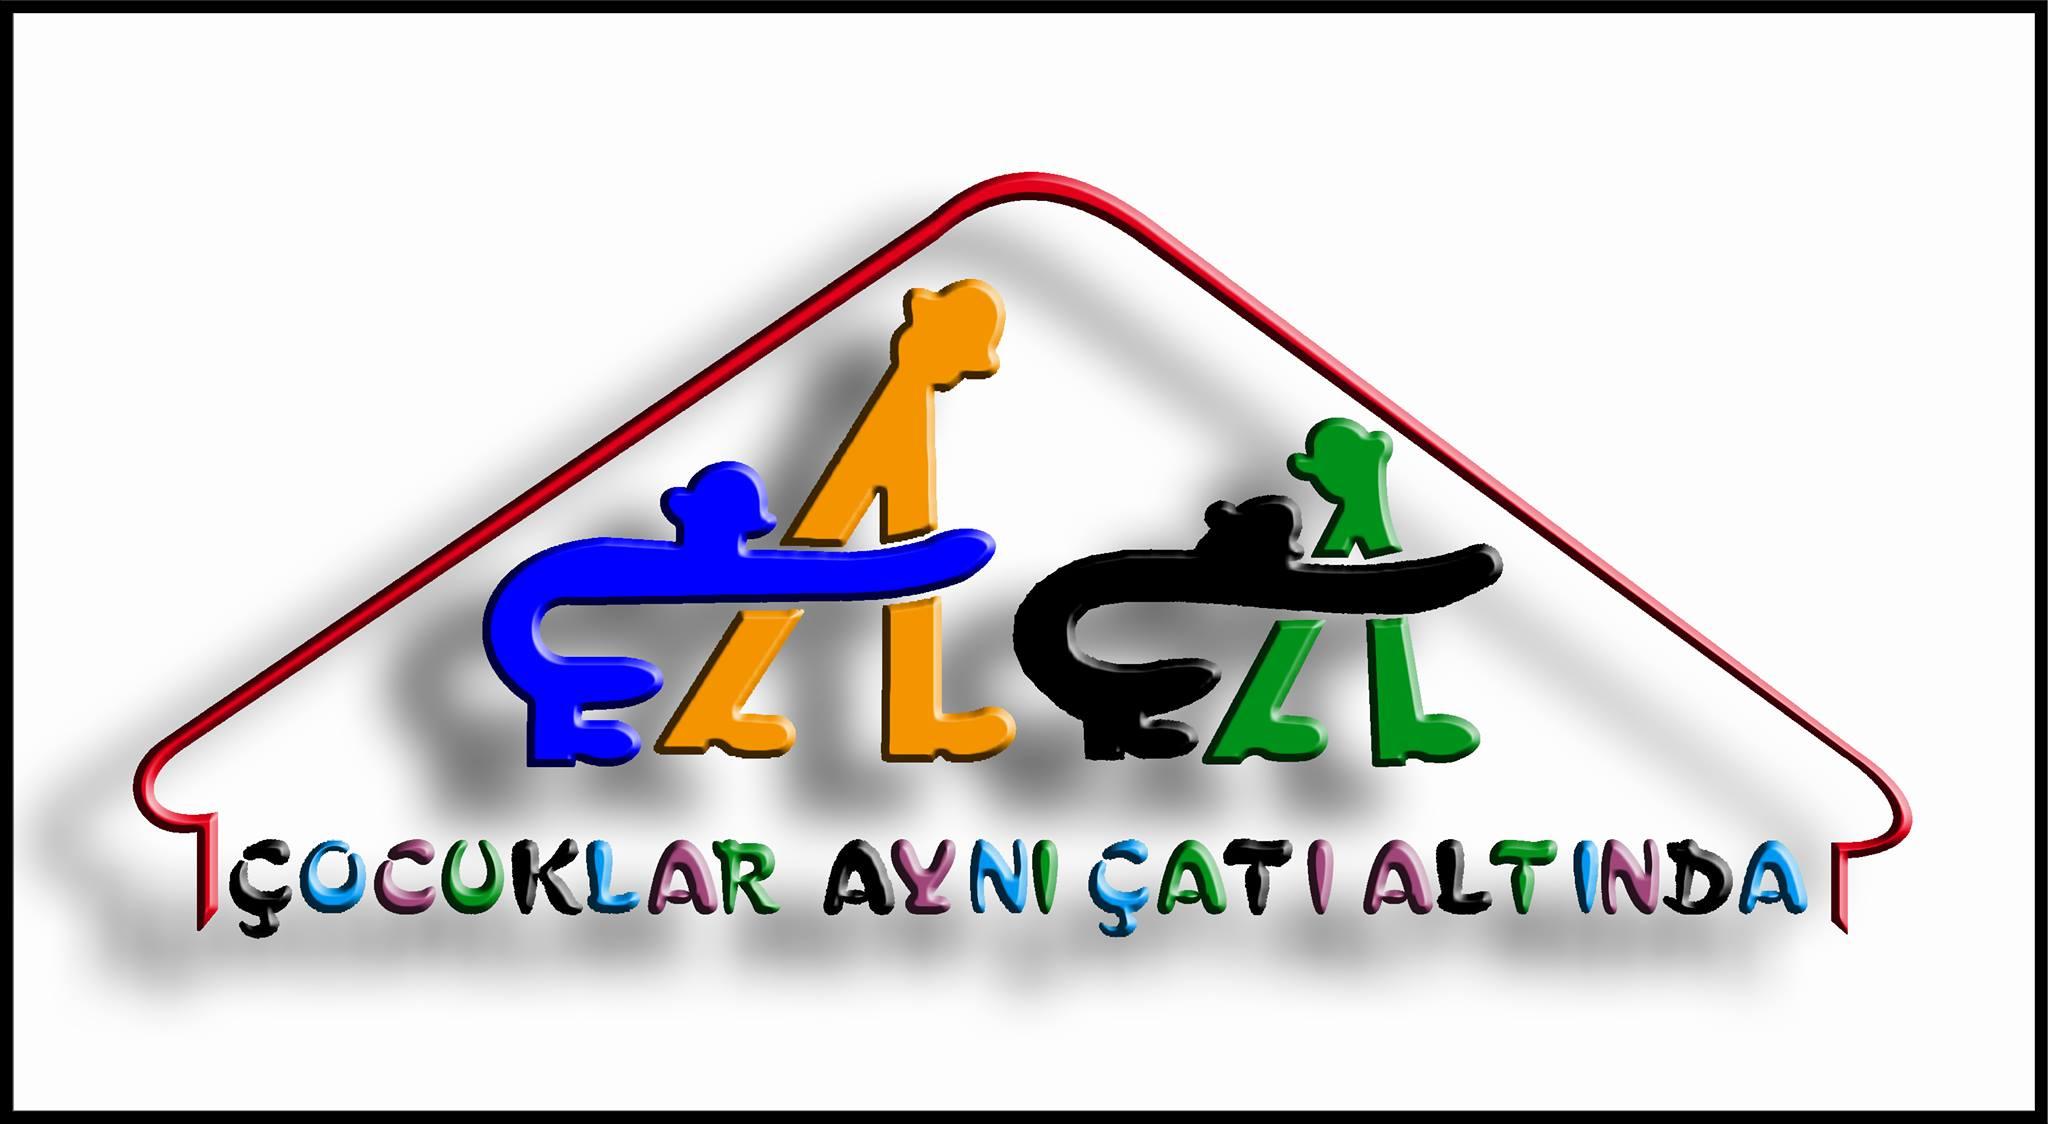 Çocuklar Aynı Çatının Altında Derneği – ÇAÇADER - Children Under Same Roof Association